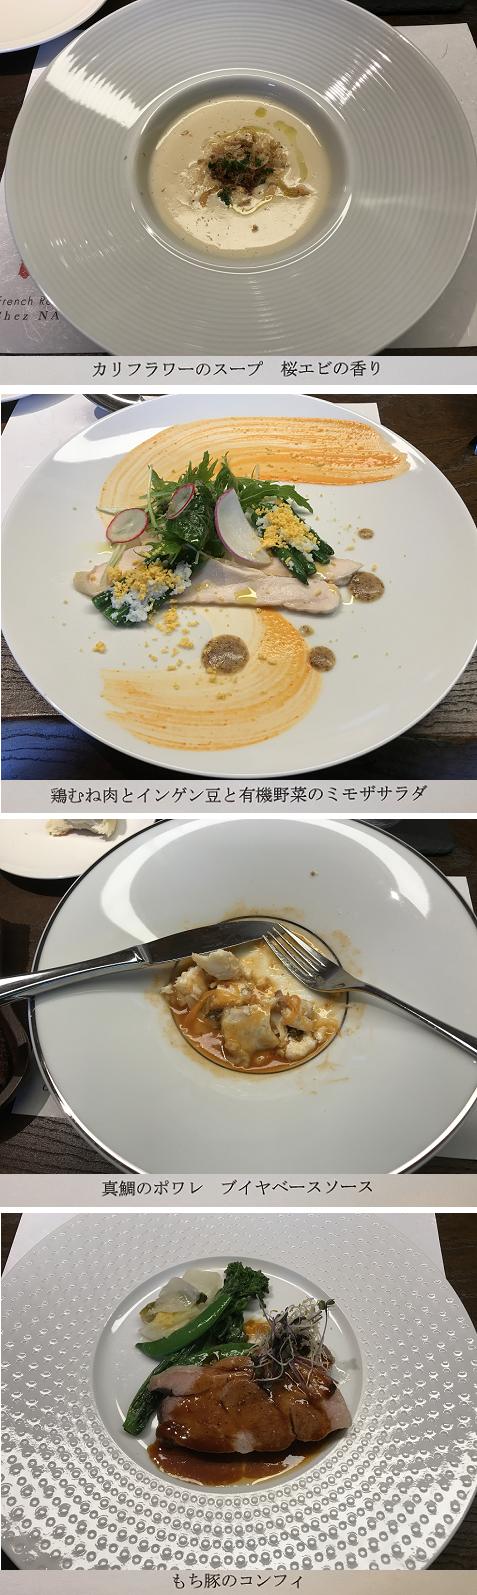 20190418シェ ナガオ2